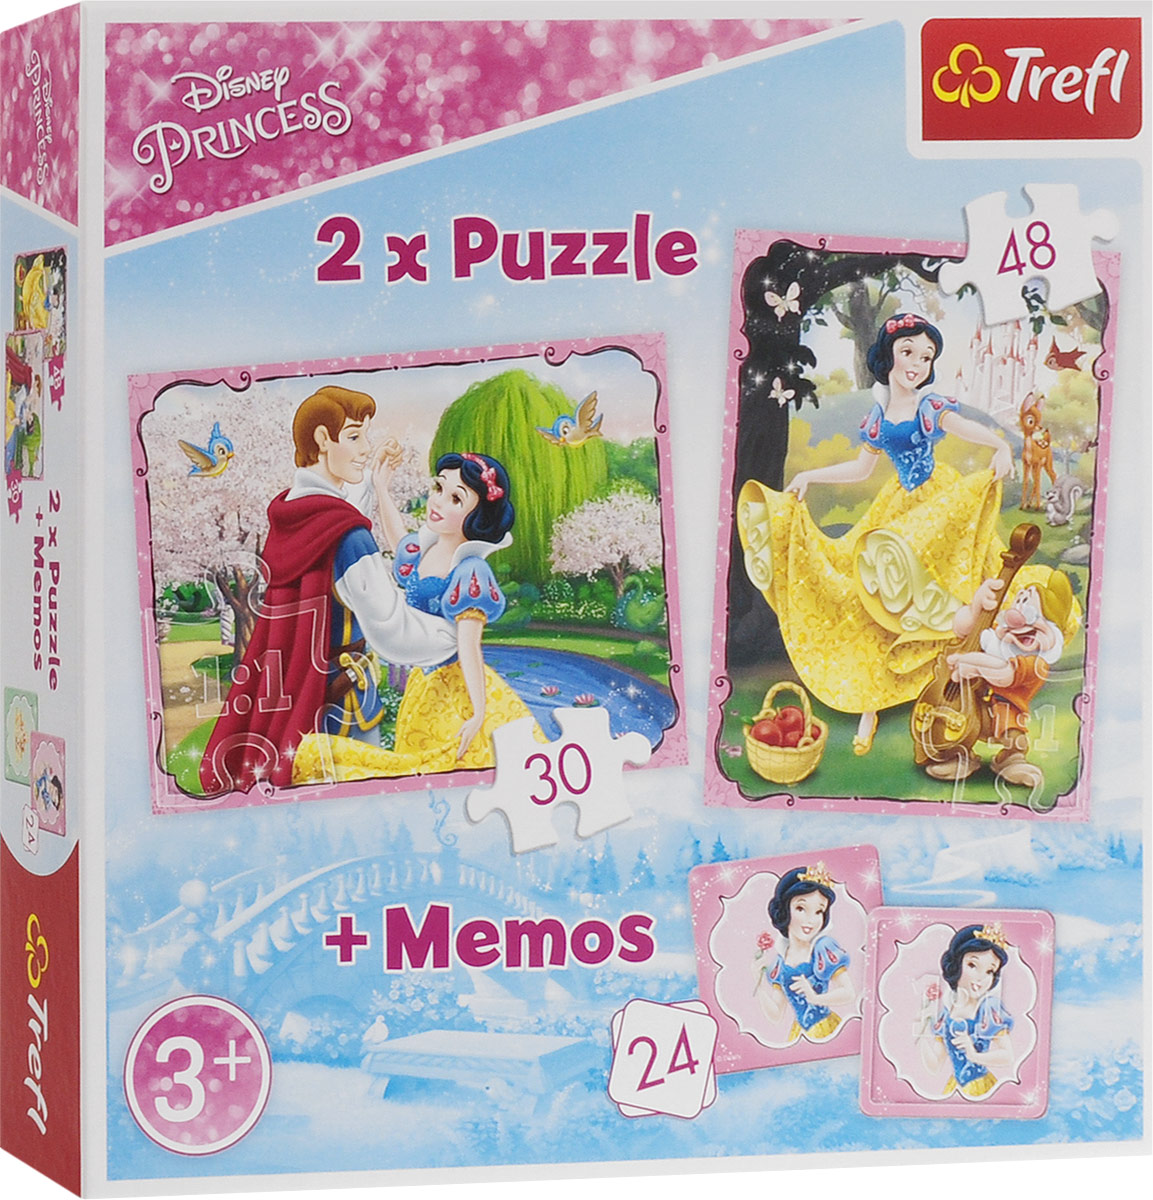 Trefl Пазл для малышей Влюбленная Белоснежка 2 в 1 + 24 карточки мемори стоимость